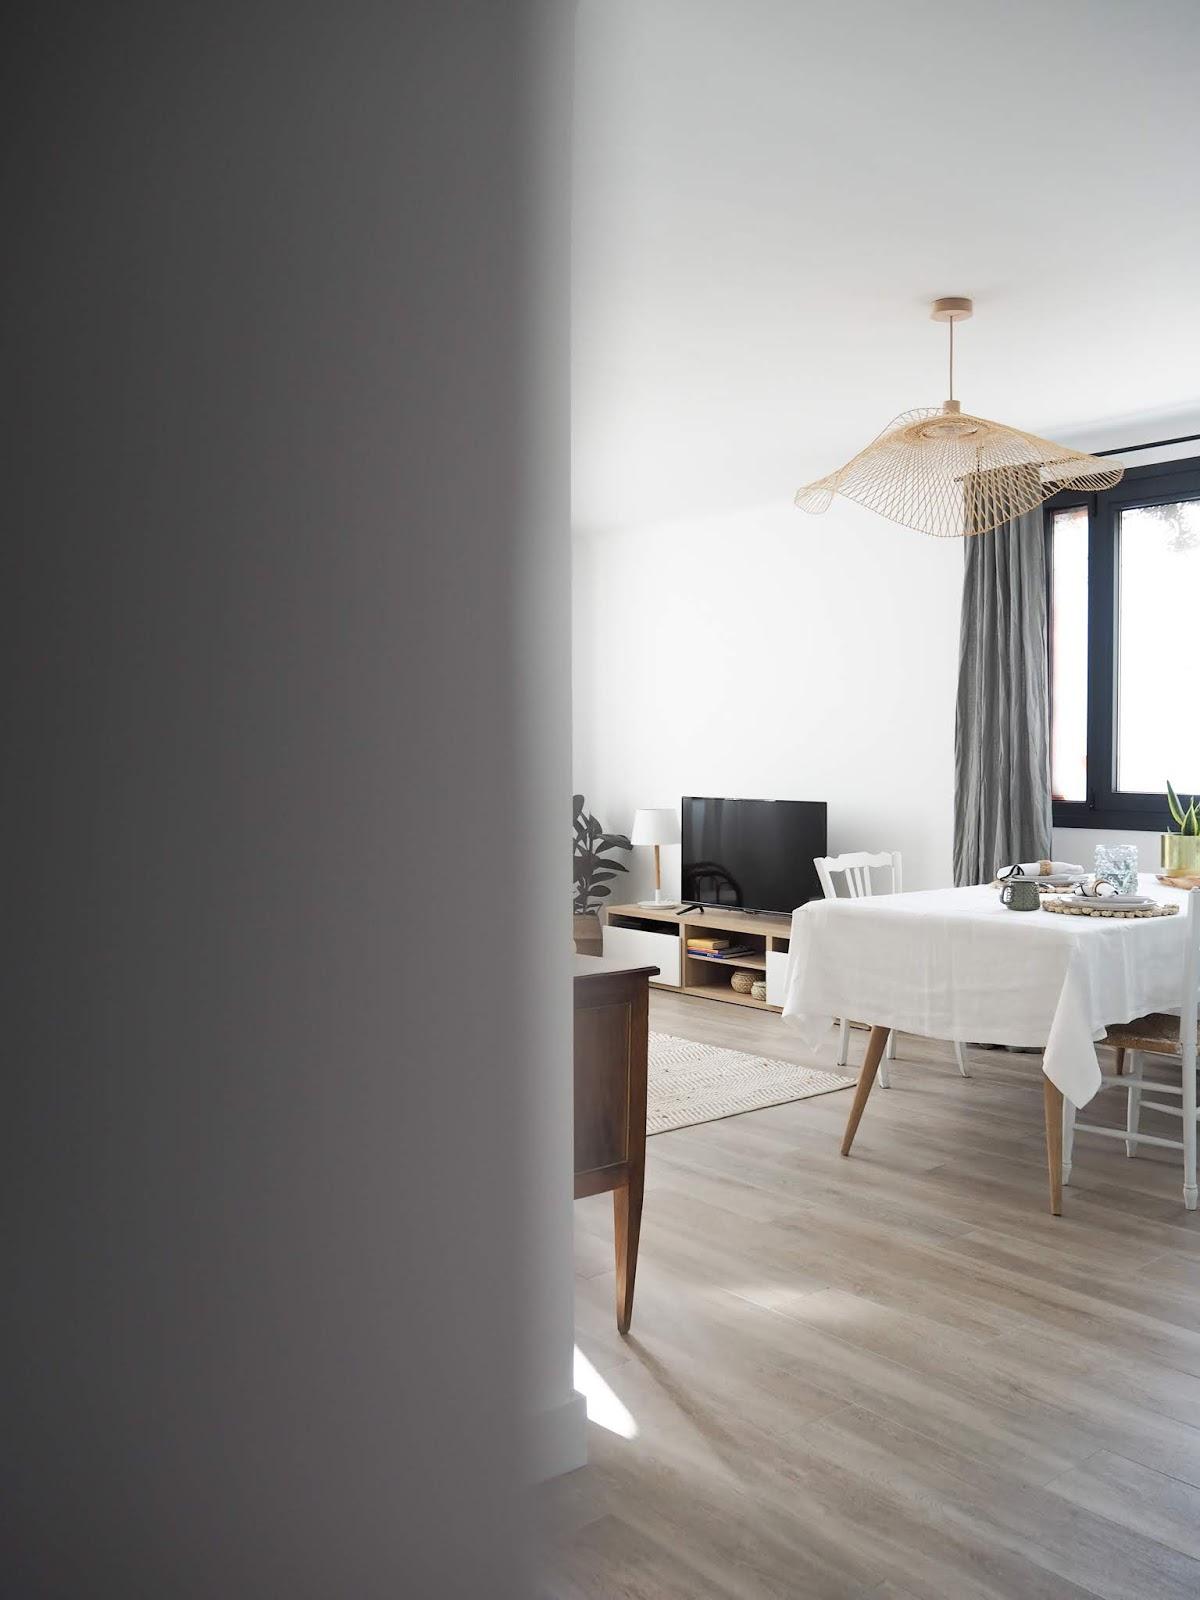 décoration d'intérieur - aix en provence - ilaria fatone- maison paulette - pièce de vie